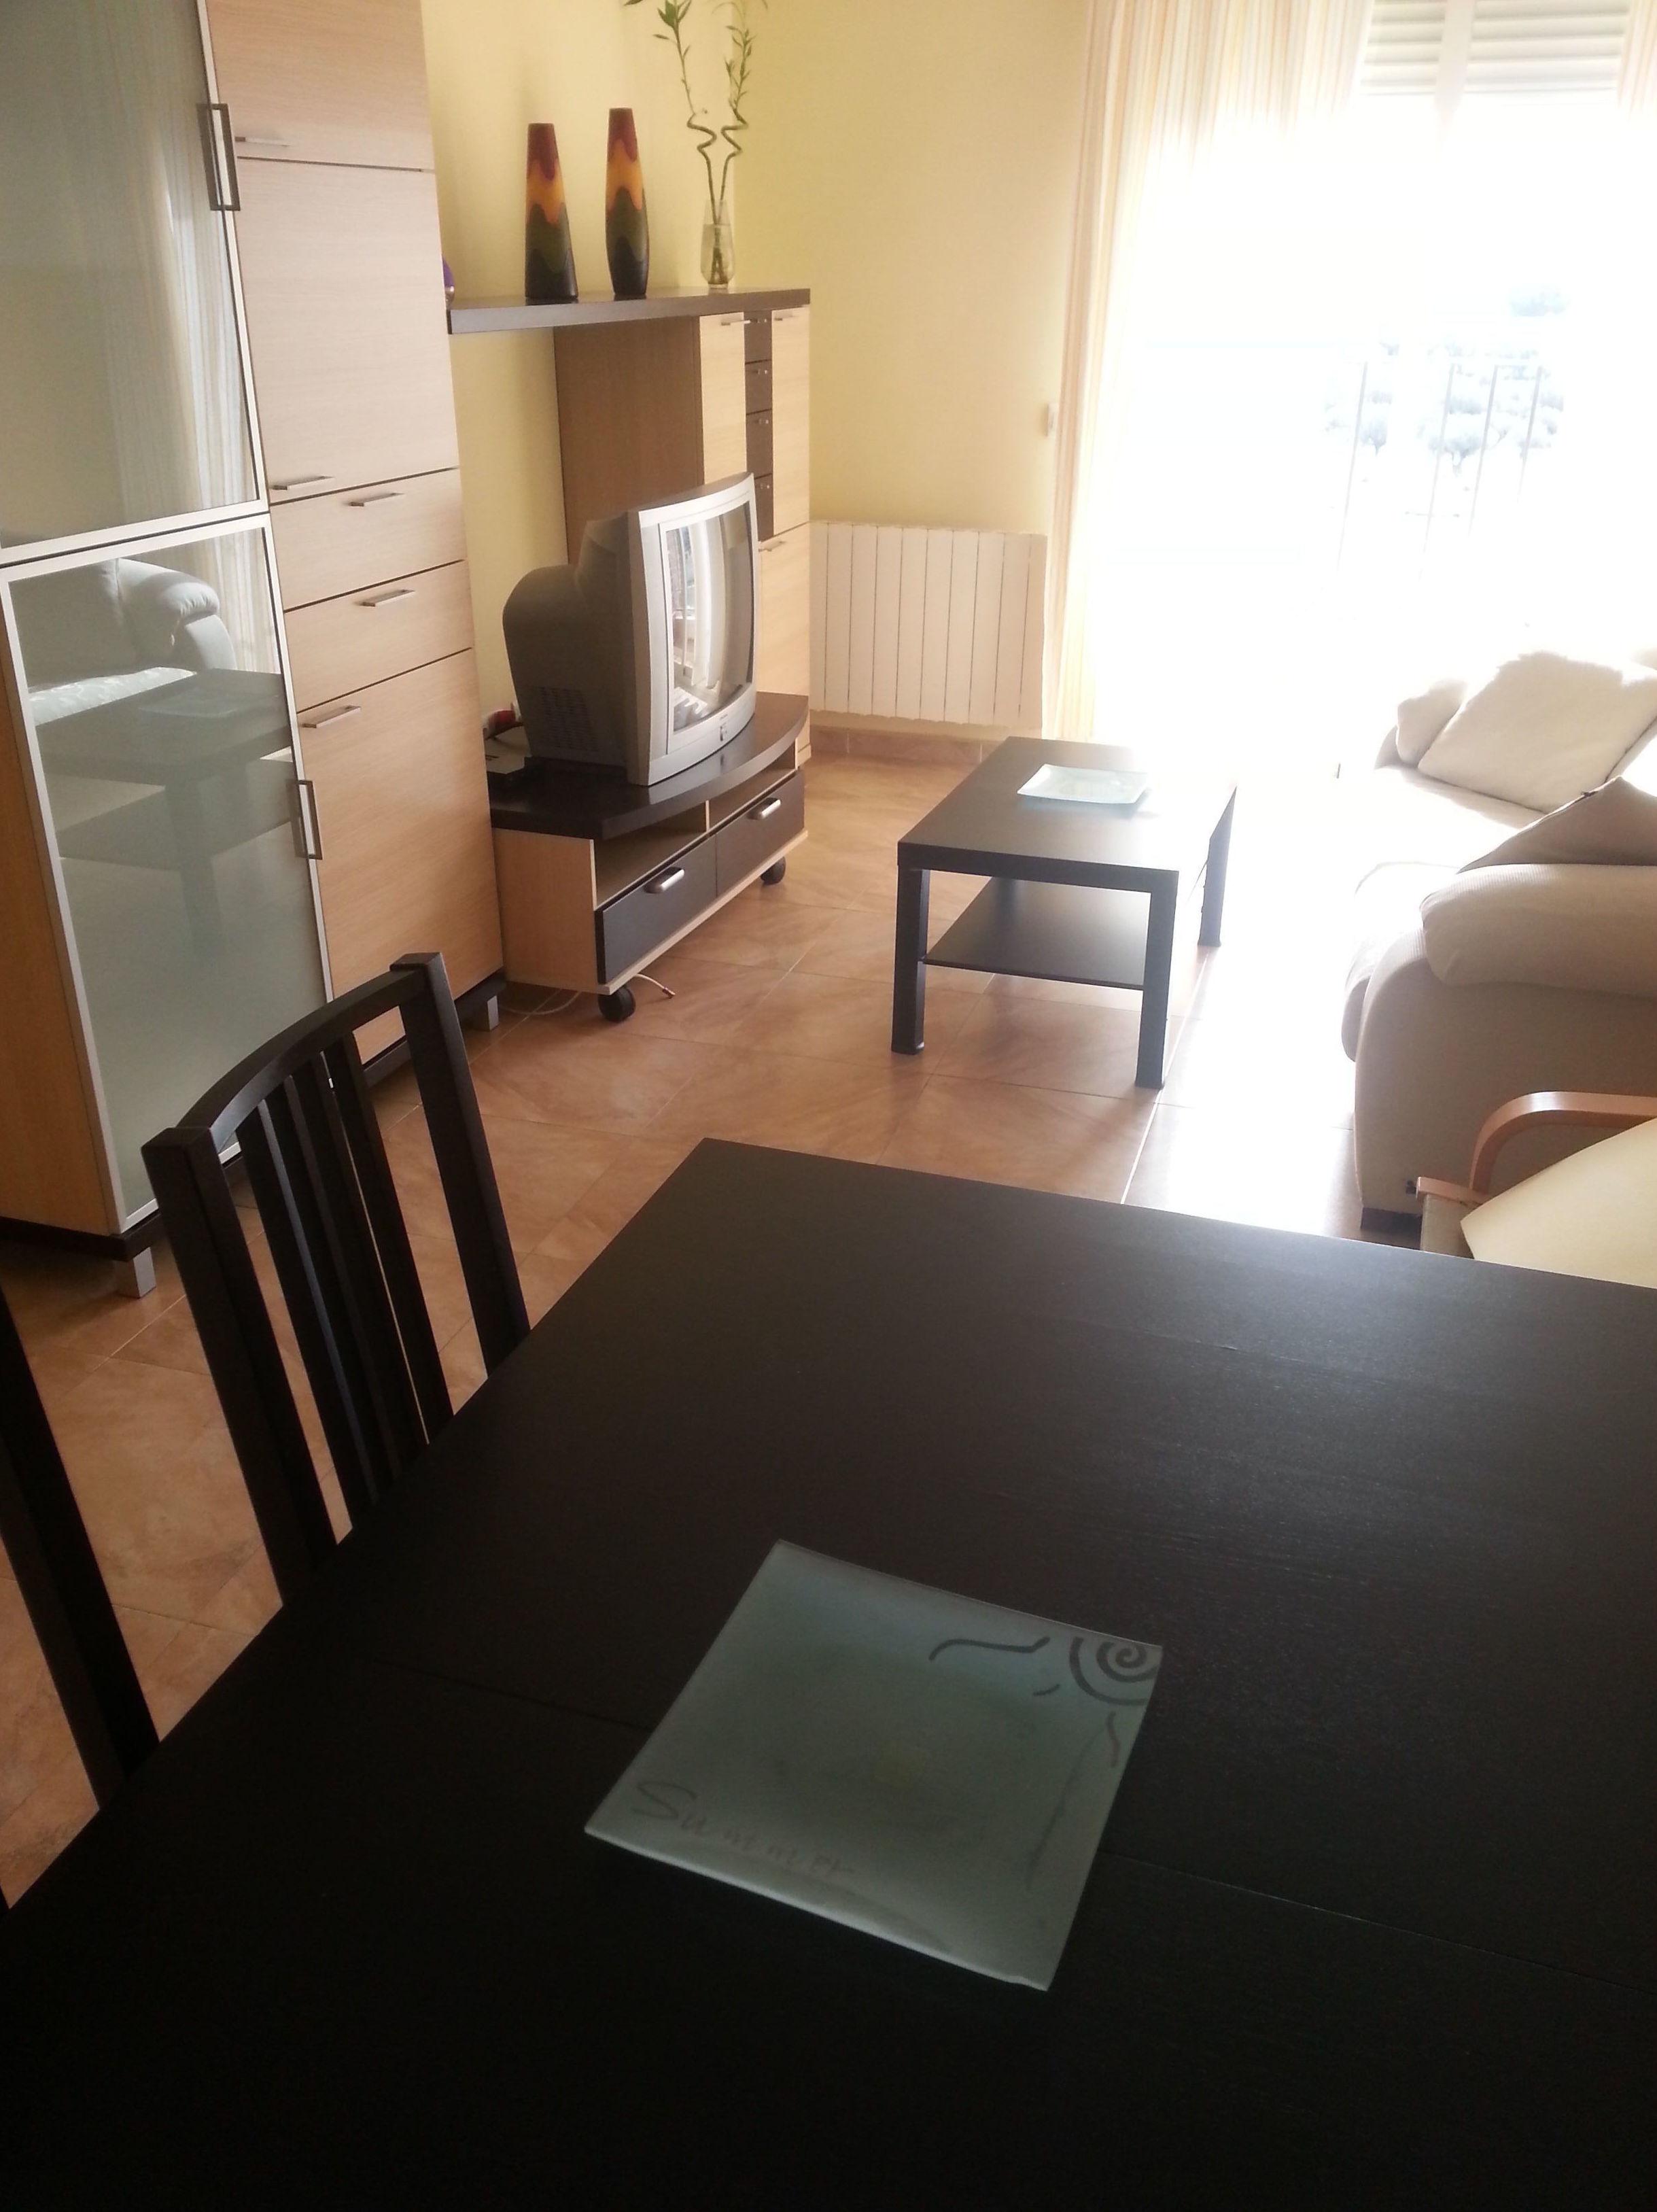 Foto 15 de Inmobiliarias en Hellín | Servicasa Servicios Inmobiliarios